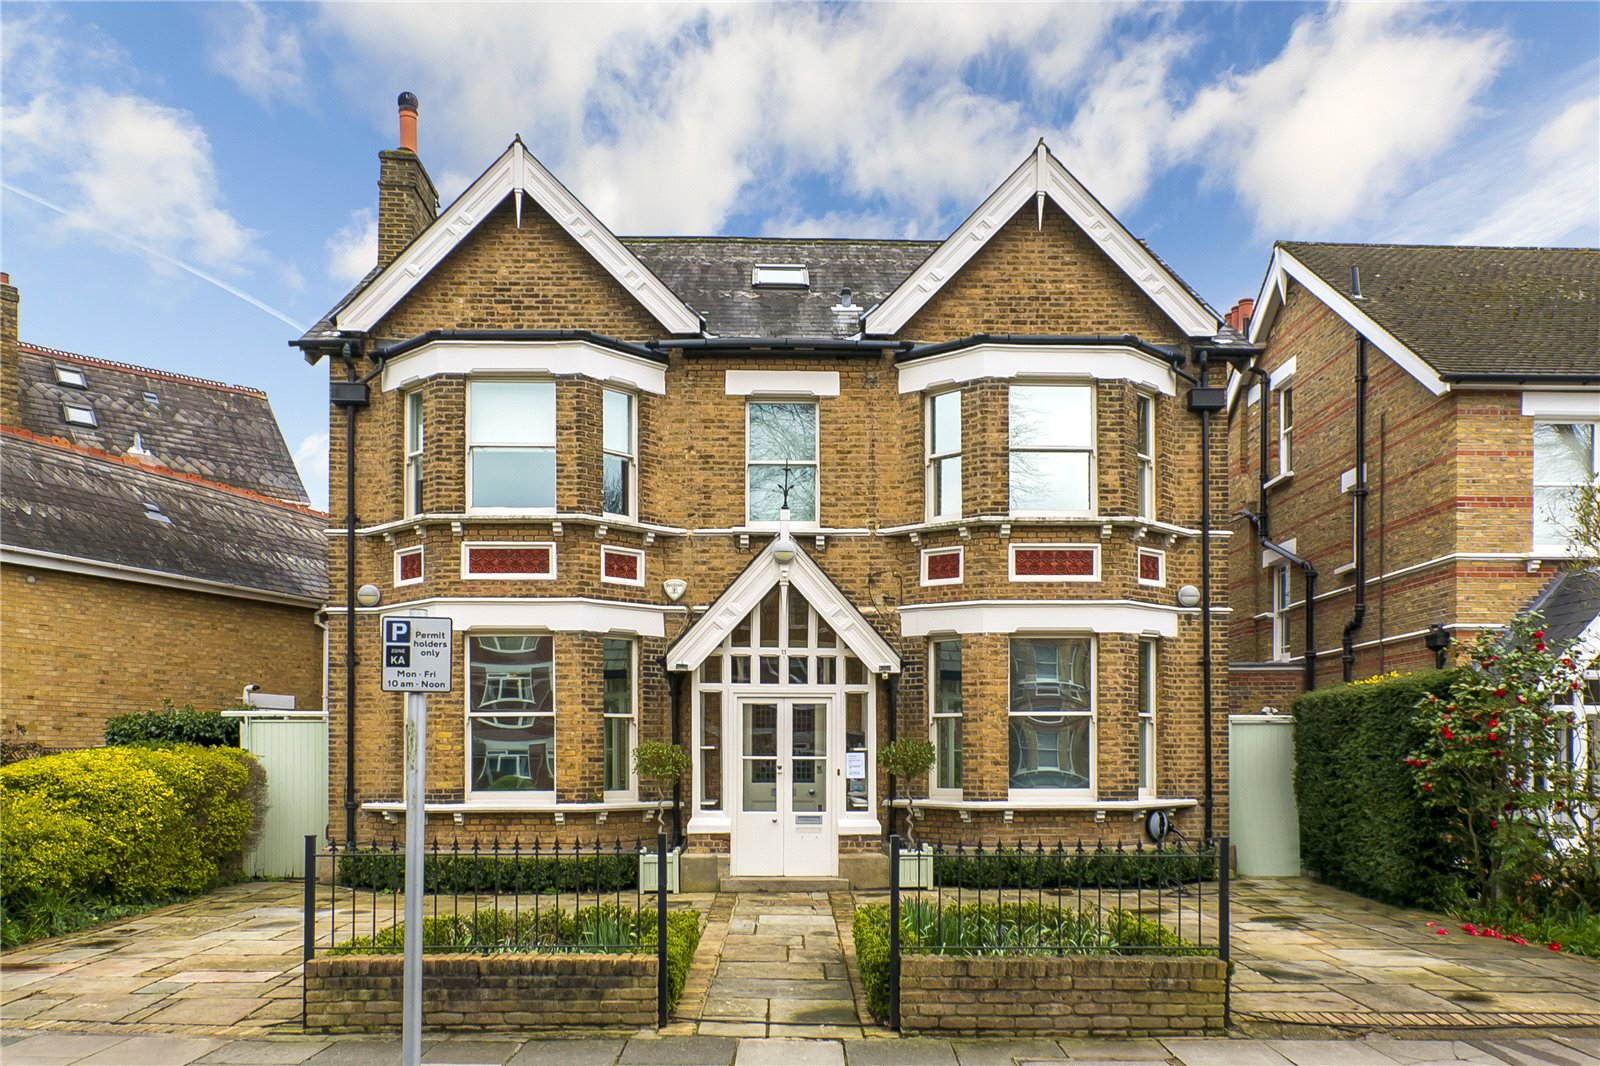 Ennerdale Road, Kew, TW9 3PG - Antony Roberts